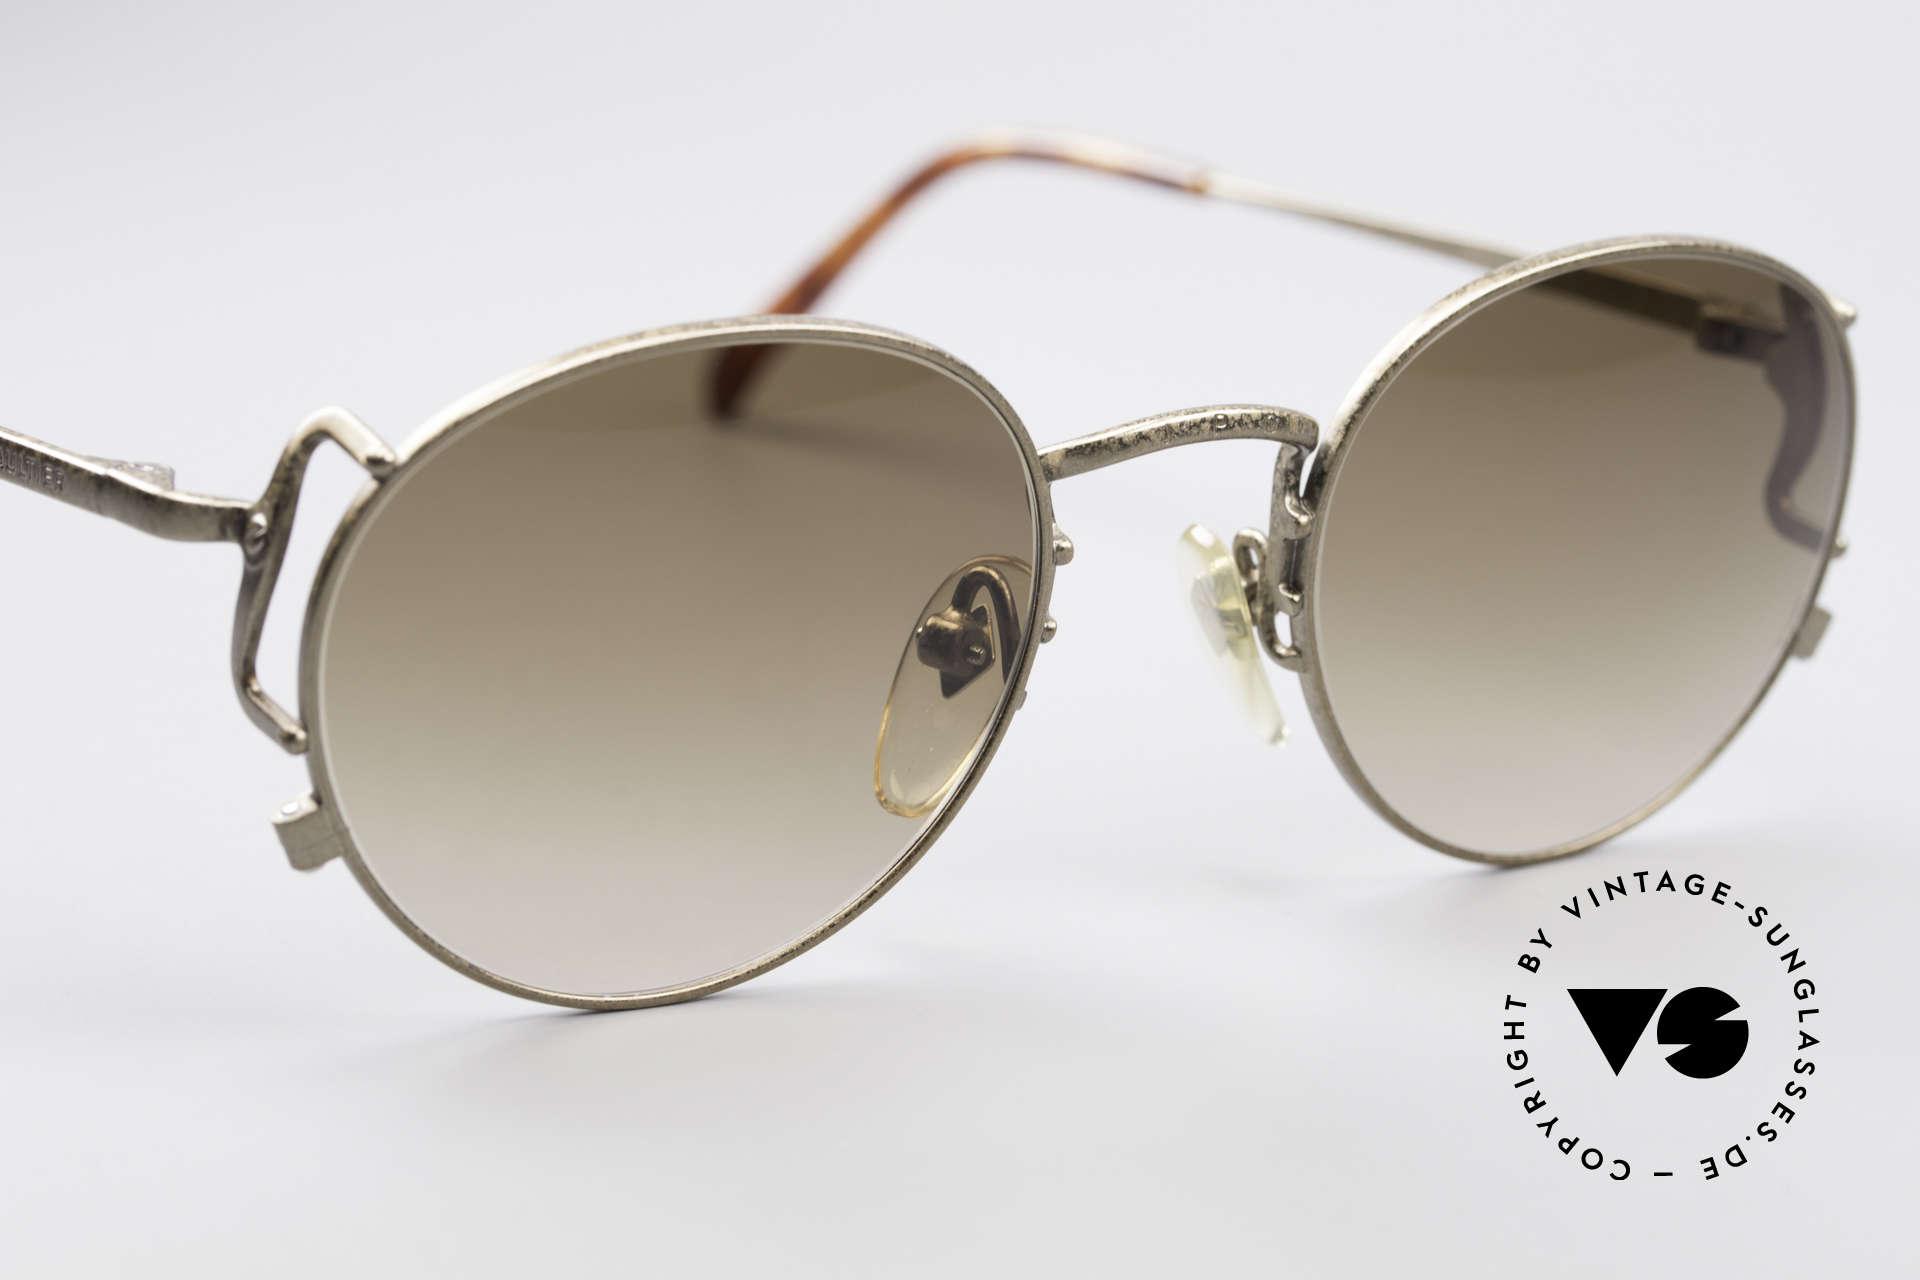 Jean Paul Gaultier 55-3178 90er Vintage No Retro Brille, KEINE Retrobrille; ein ca. 25 Jahre altes Unikat!, Passend für Herren und Damen